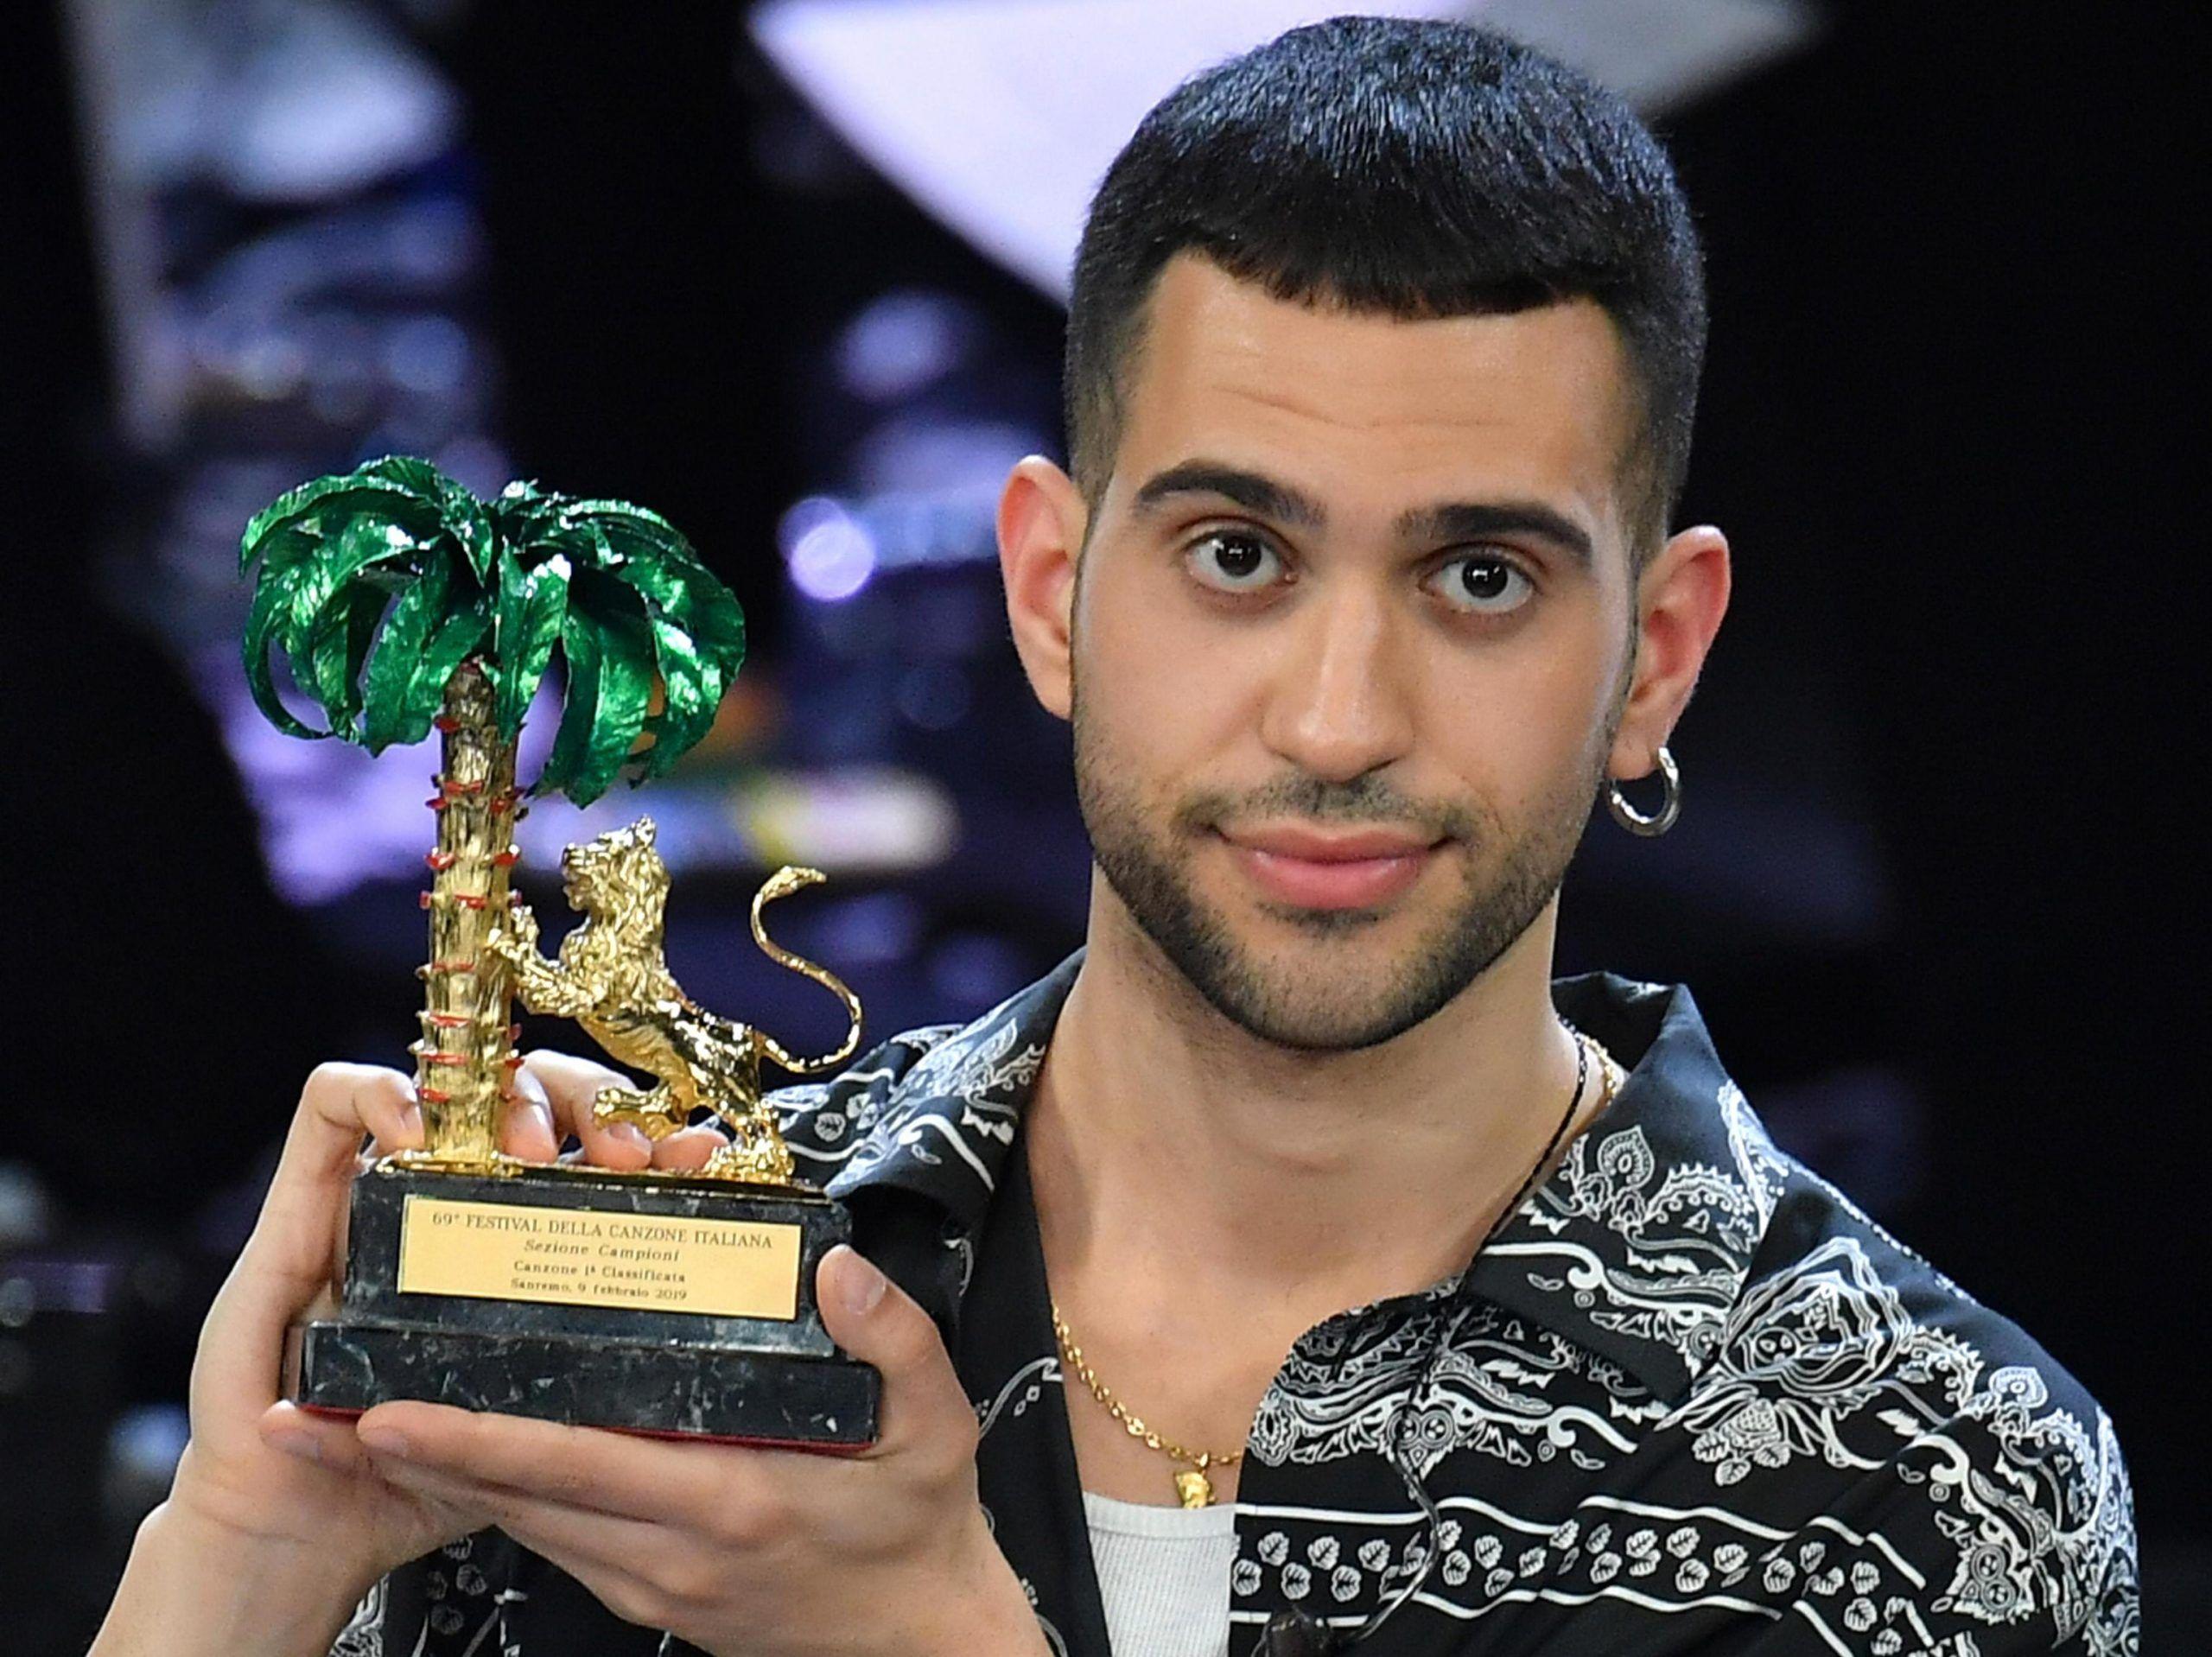 Sanremo 2019, Mahmood: 'Sono italiano al 100%. Il Festival? Moderno e all'avanguardia'